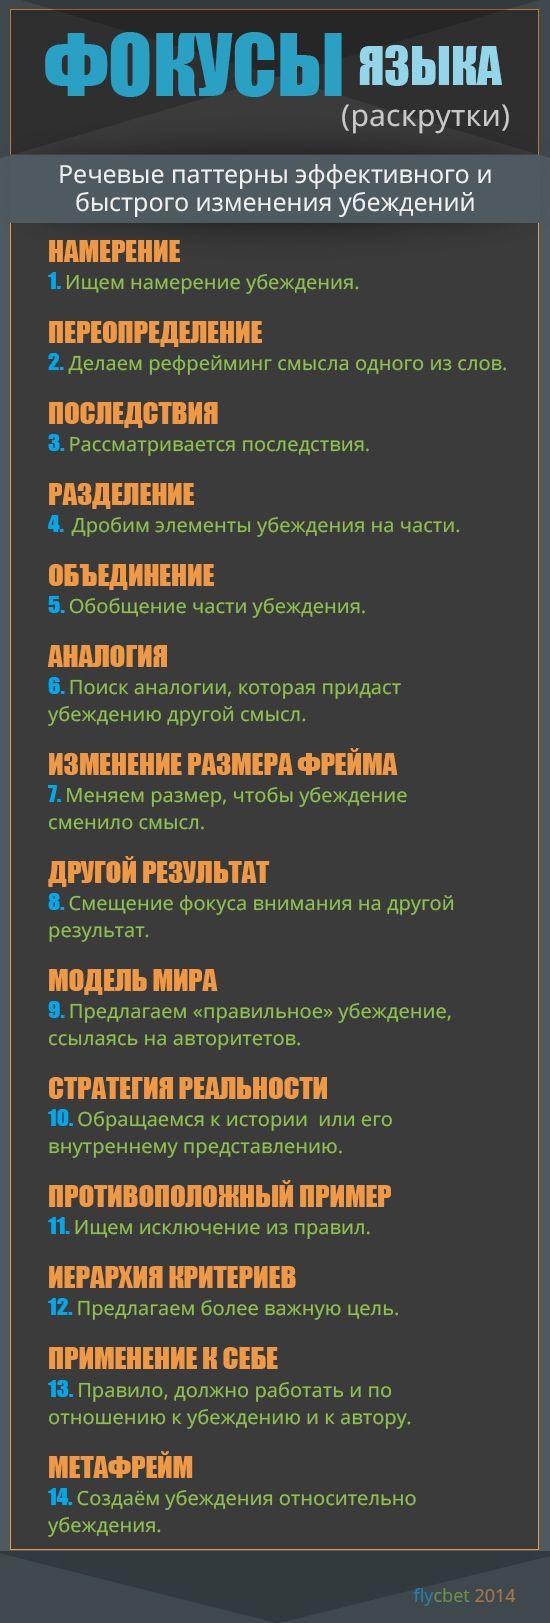 ФОКУСЫ ЯЗЫКА